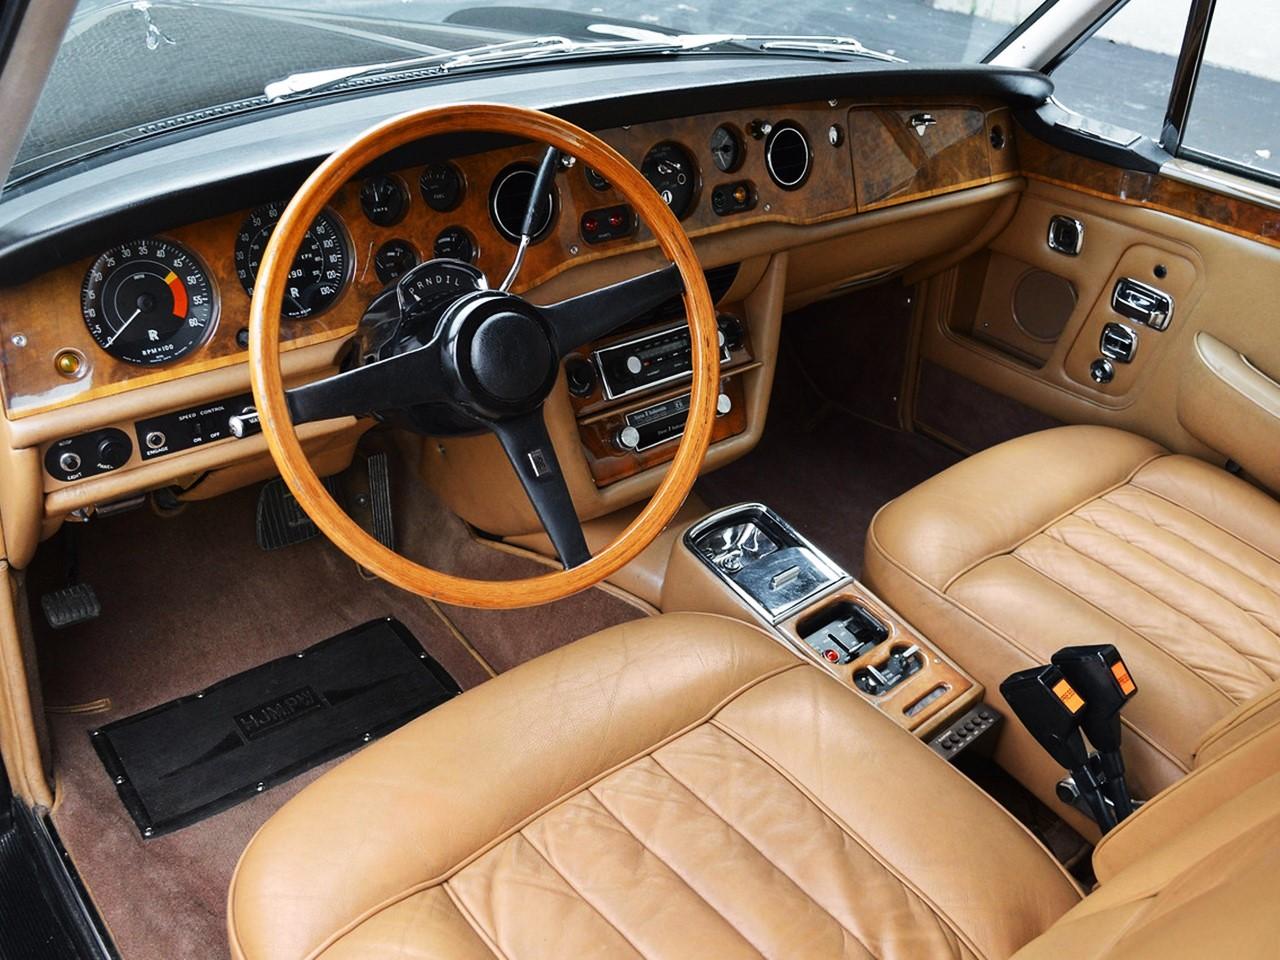 1974 Corniche fixedhead 2